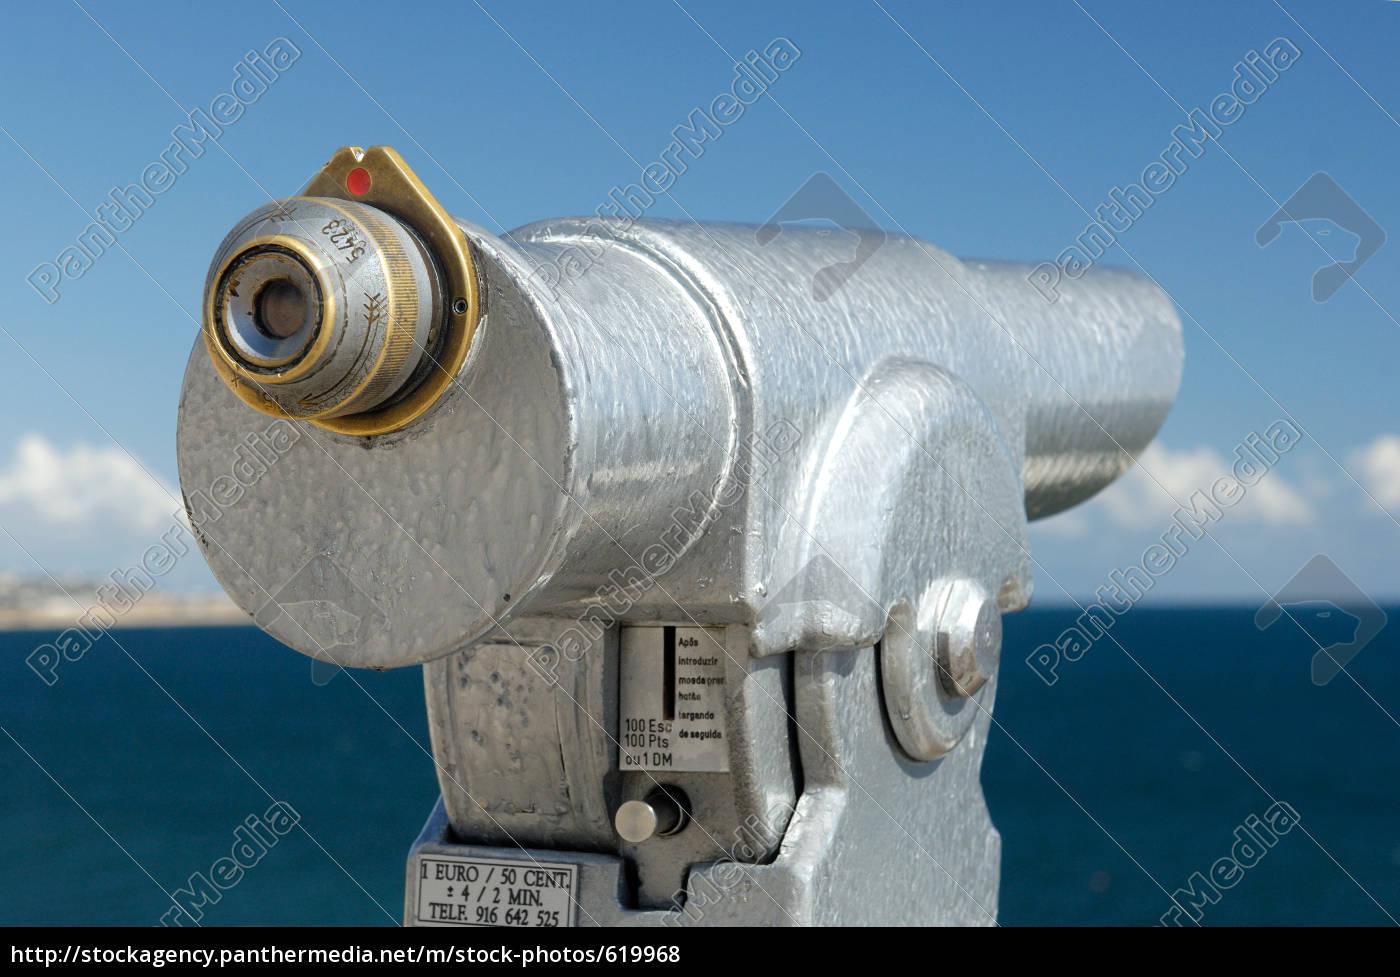 telescope, at, sea, coast - 619968